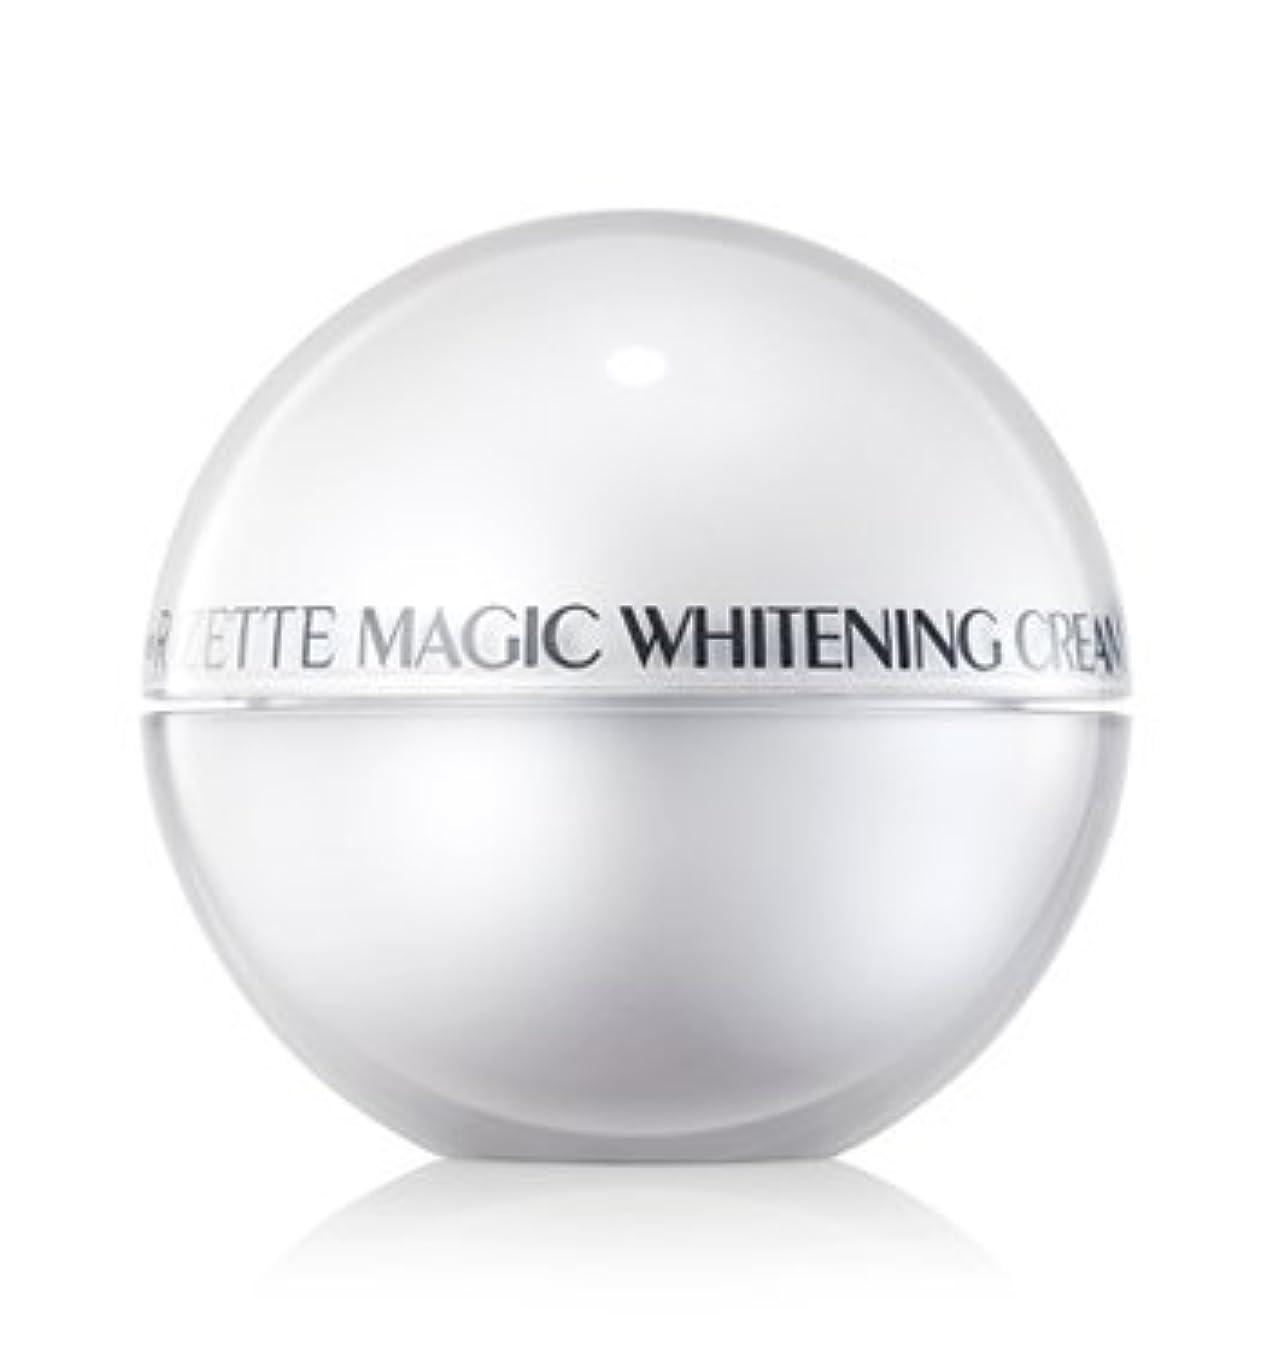 時系列学校教育オレンジリオエリ(Lioele) Rizette マジック ホワイトニング クリーム プラス/ Lioele Rizette Magic Whitening Cream Plus[並行輸入品]